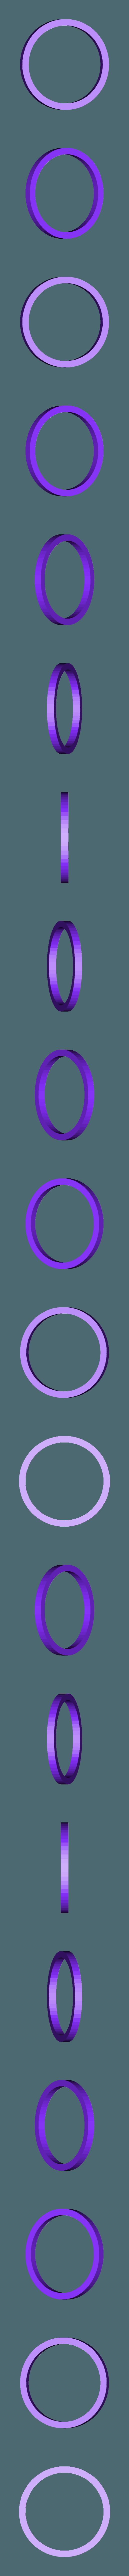 Steampunk_Glass_holder.stl Télécharger fichier STL gratuit Jaa's Steampunk Glasses v 1.0 • Design pour imprimante 3D, Jaa